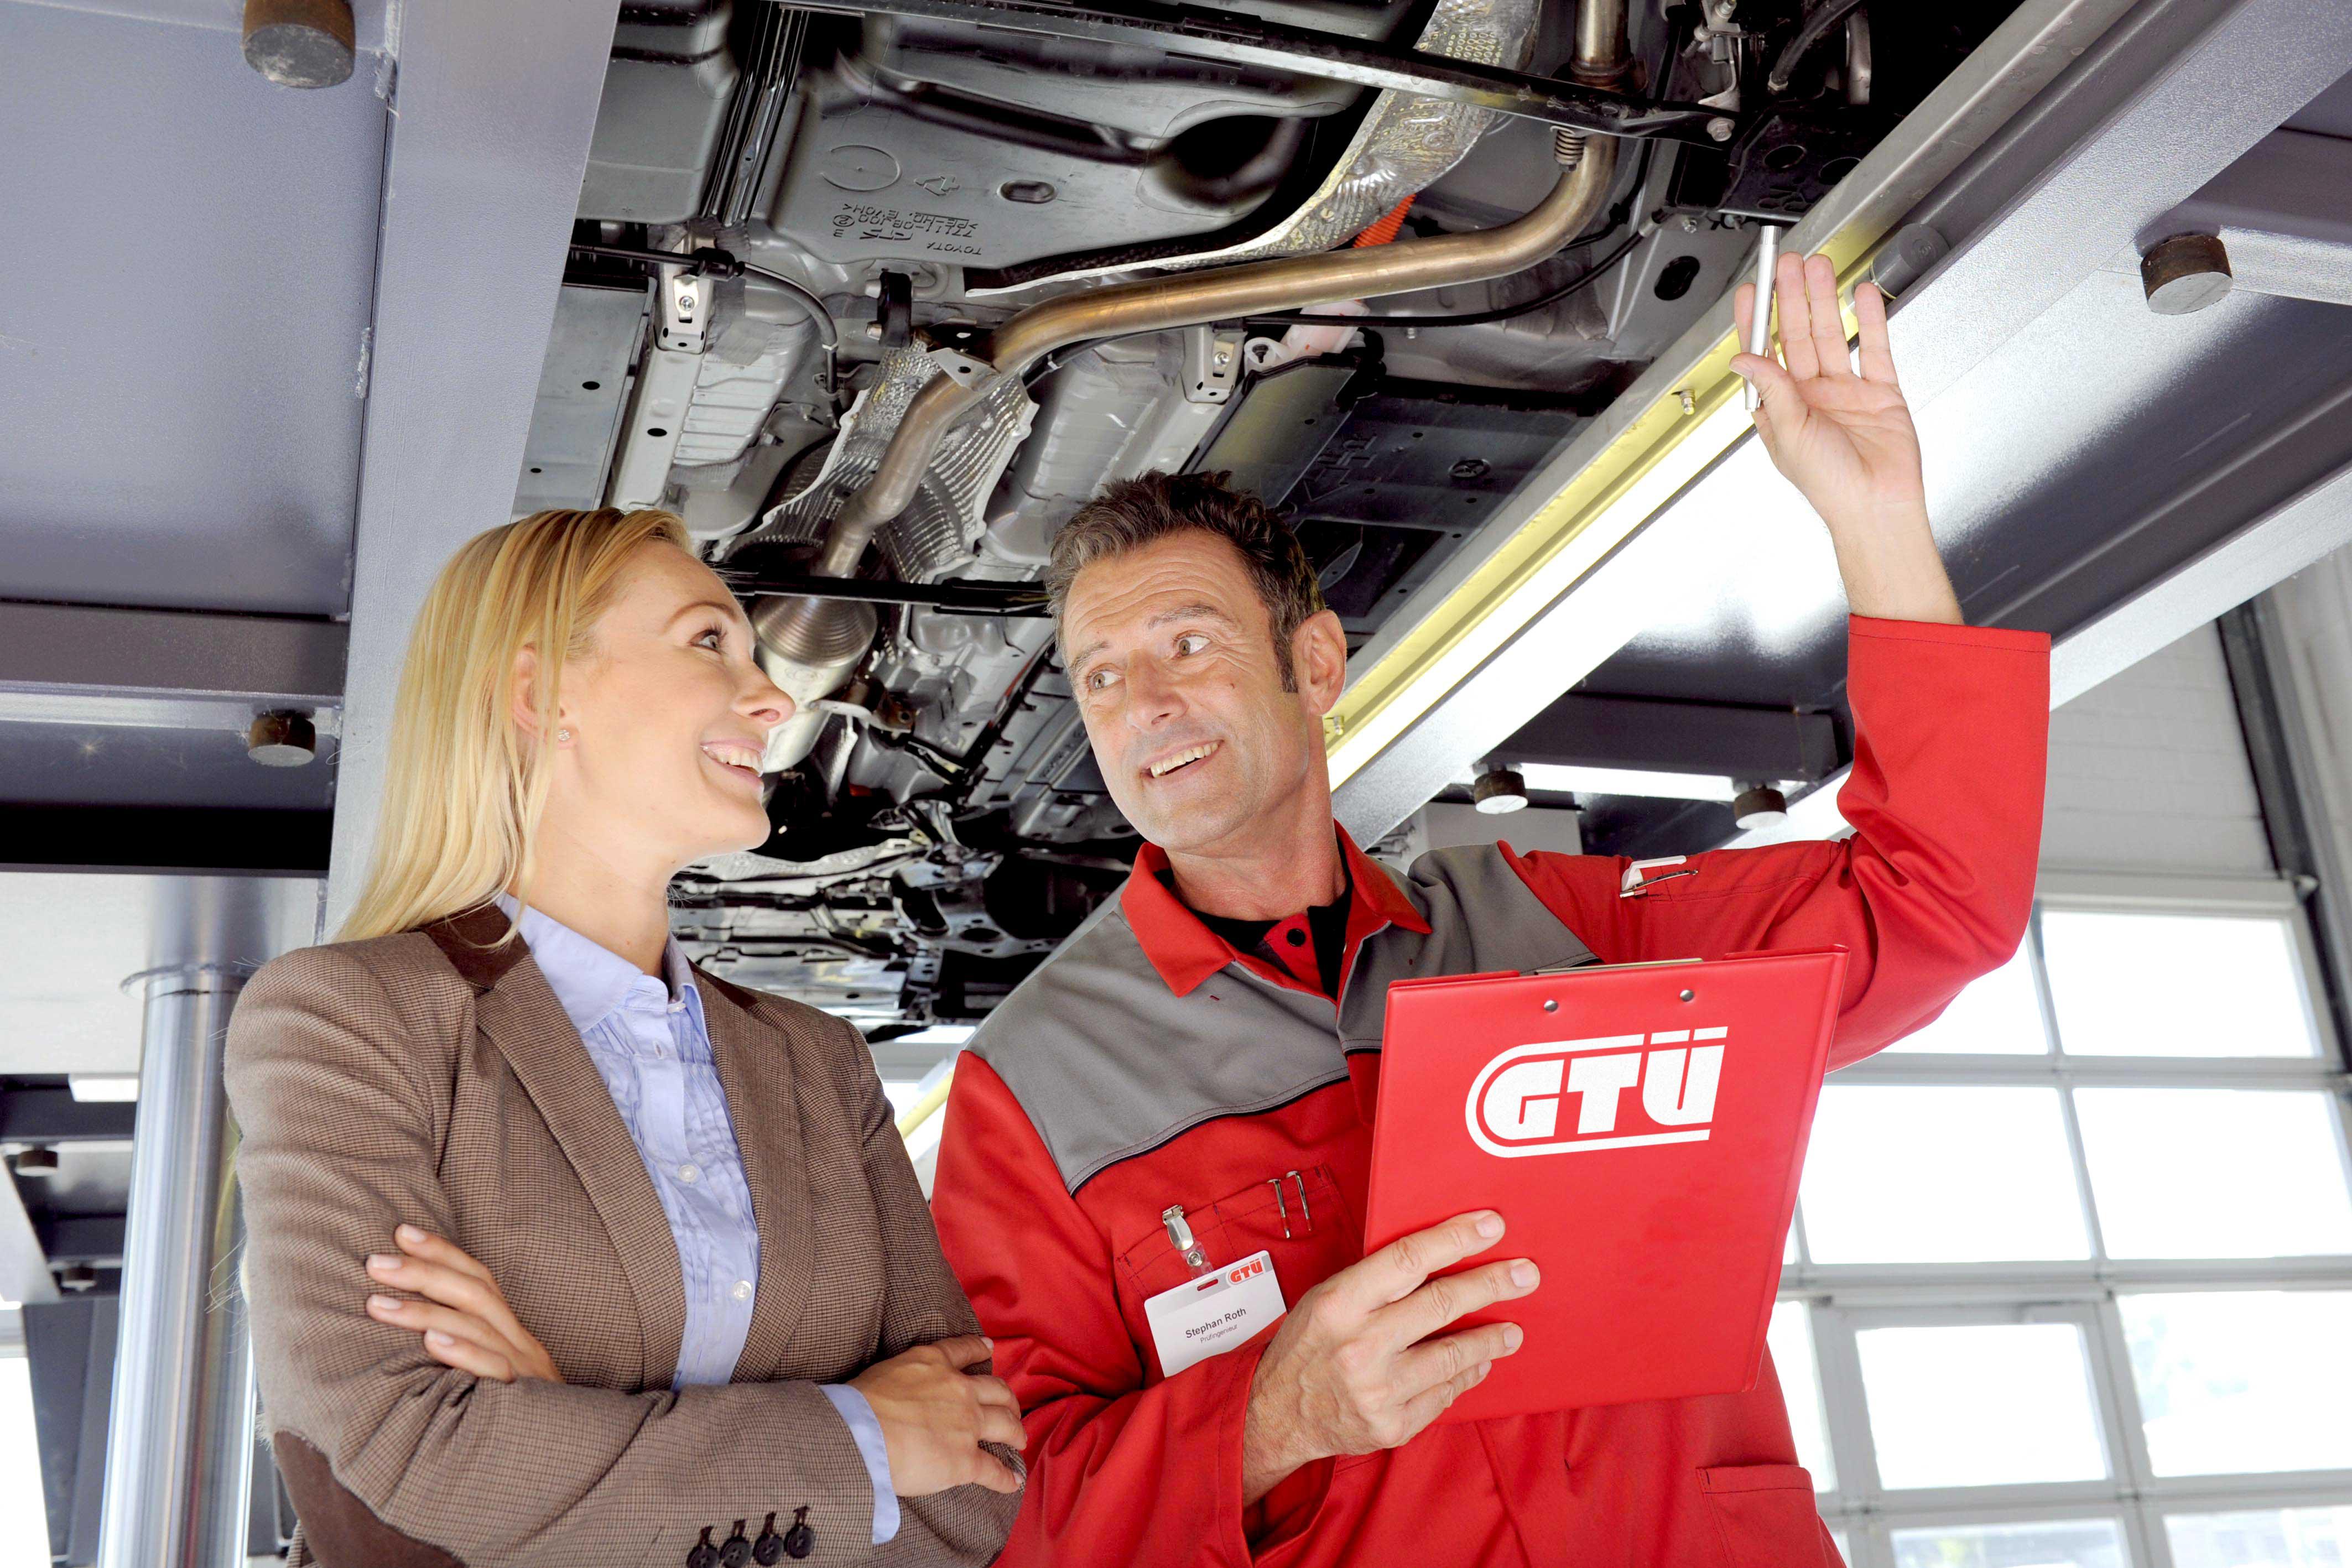 Sicher unterwegs, dank der GTÜ Sachverständigen der Lütz GmbH